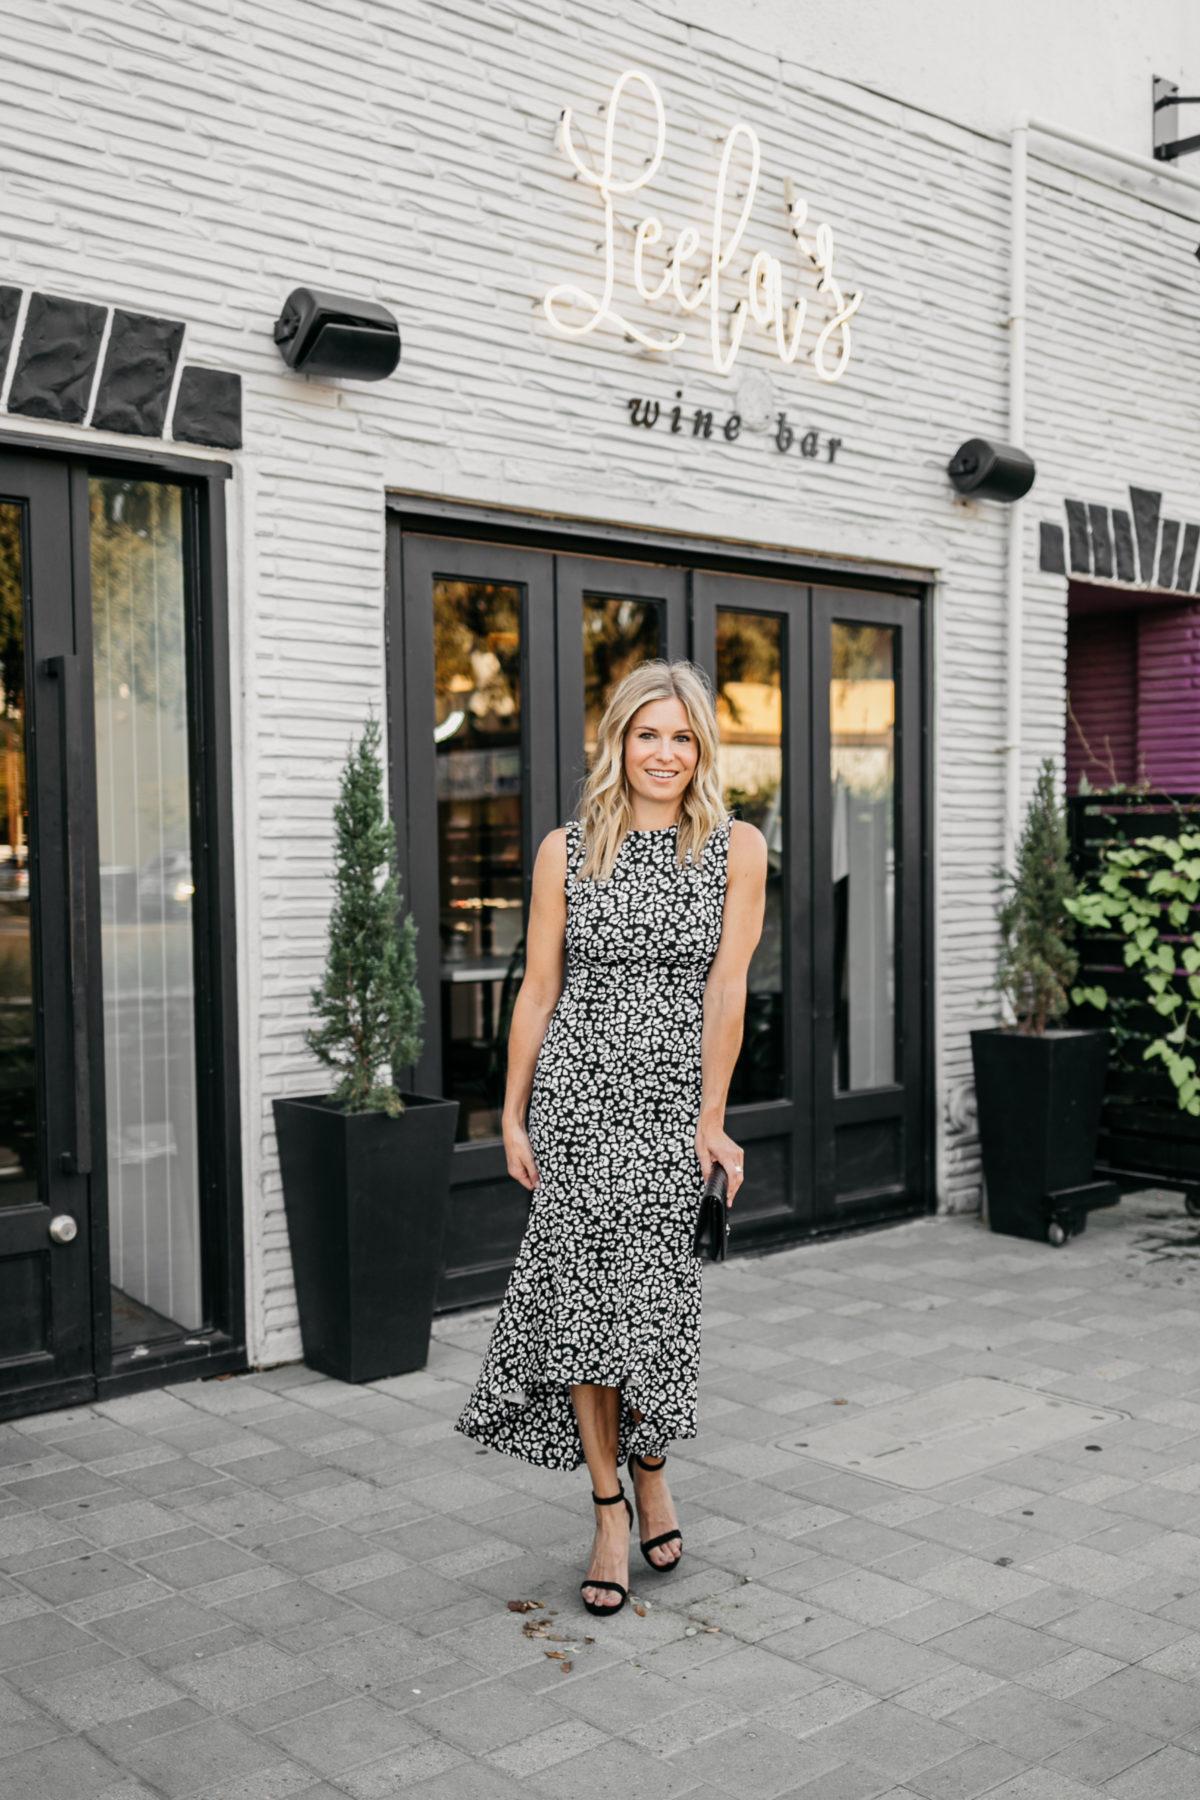 a woman in a leopard dress